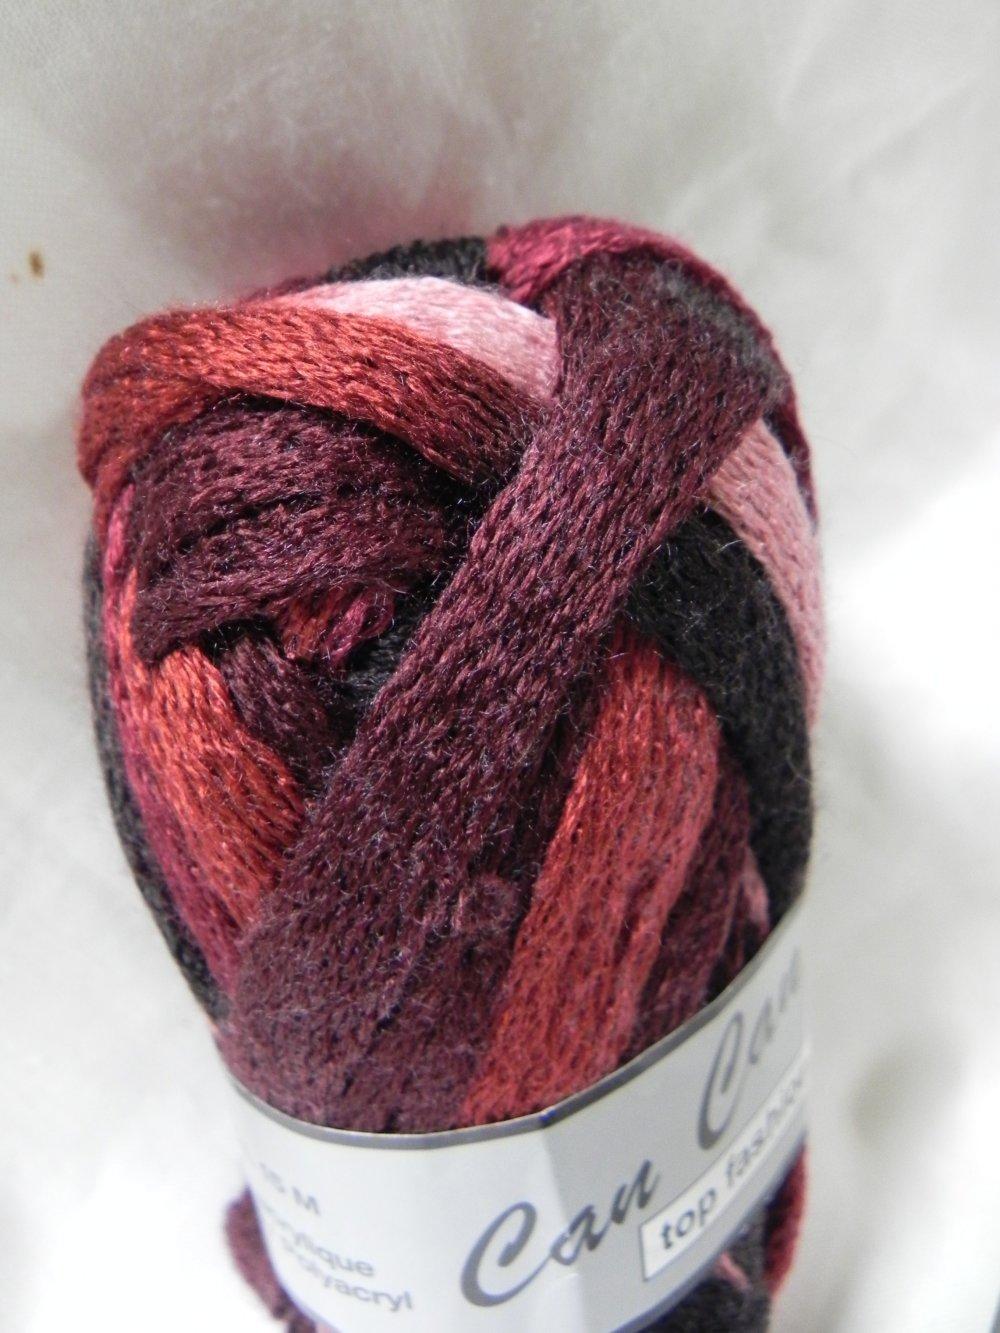 lot de 2 pelotes de laine tons bordeaux /noirs  pour 1 écharpe